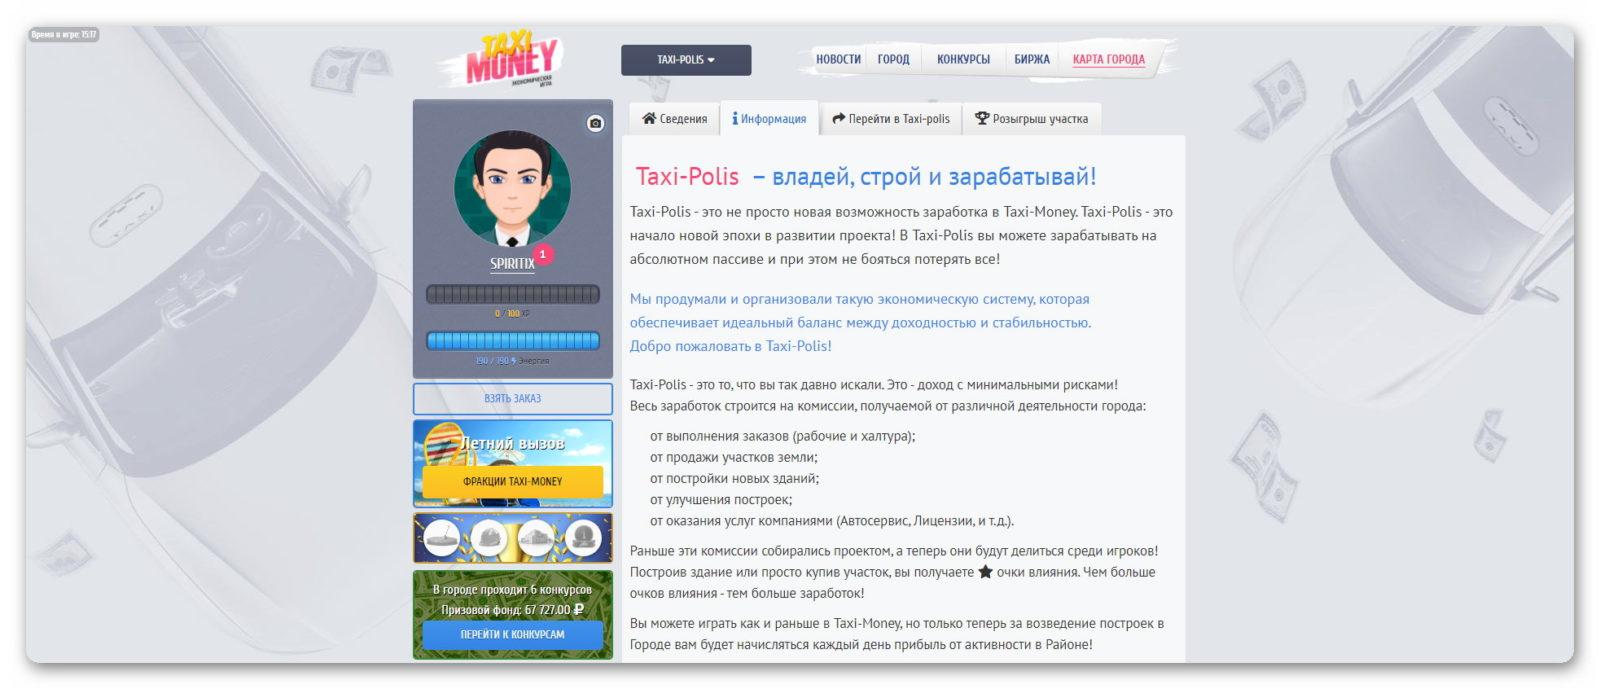 Информация о городе Taxi-Polis в игре Taxi-Money